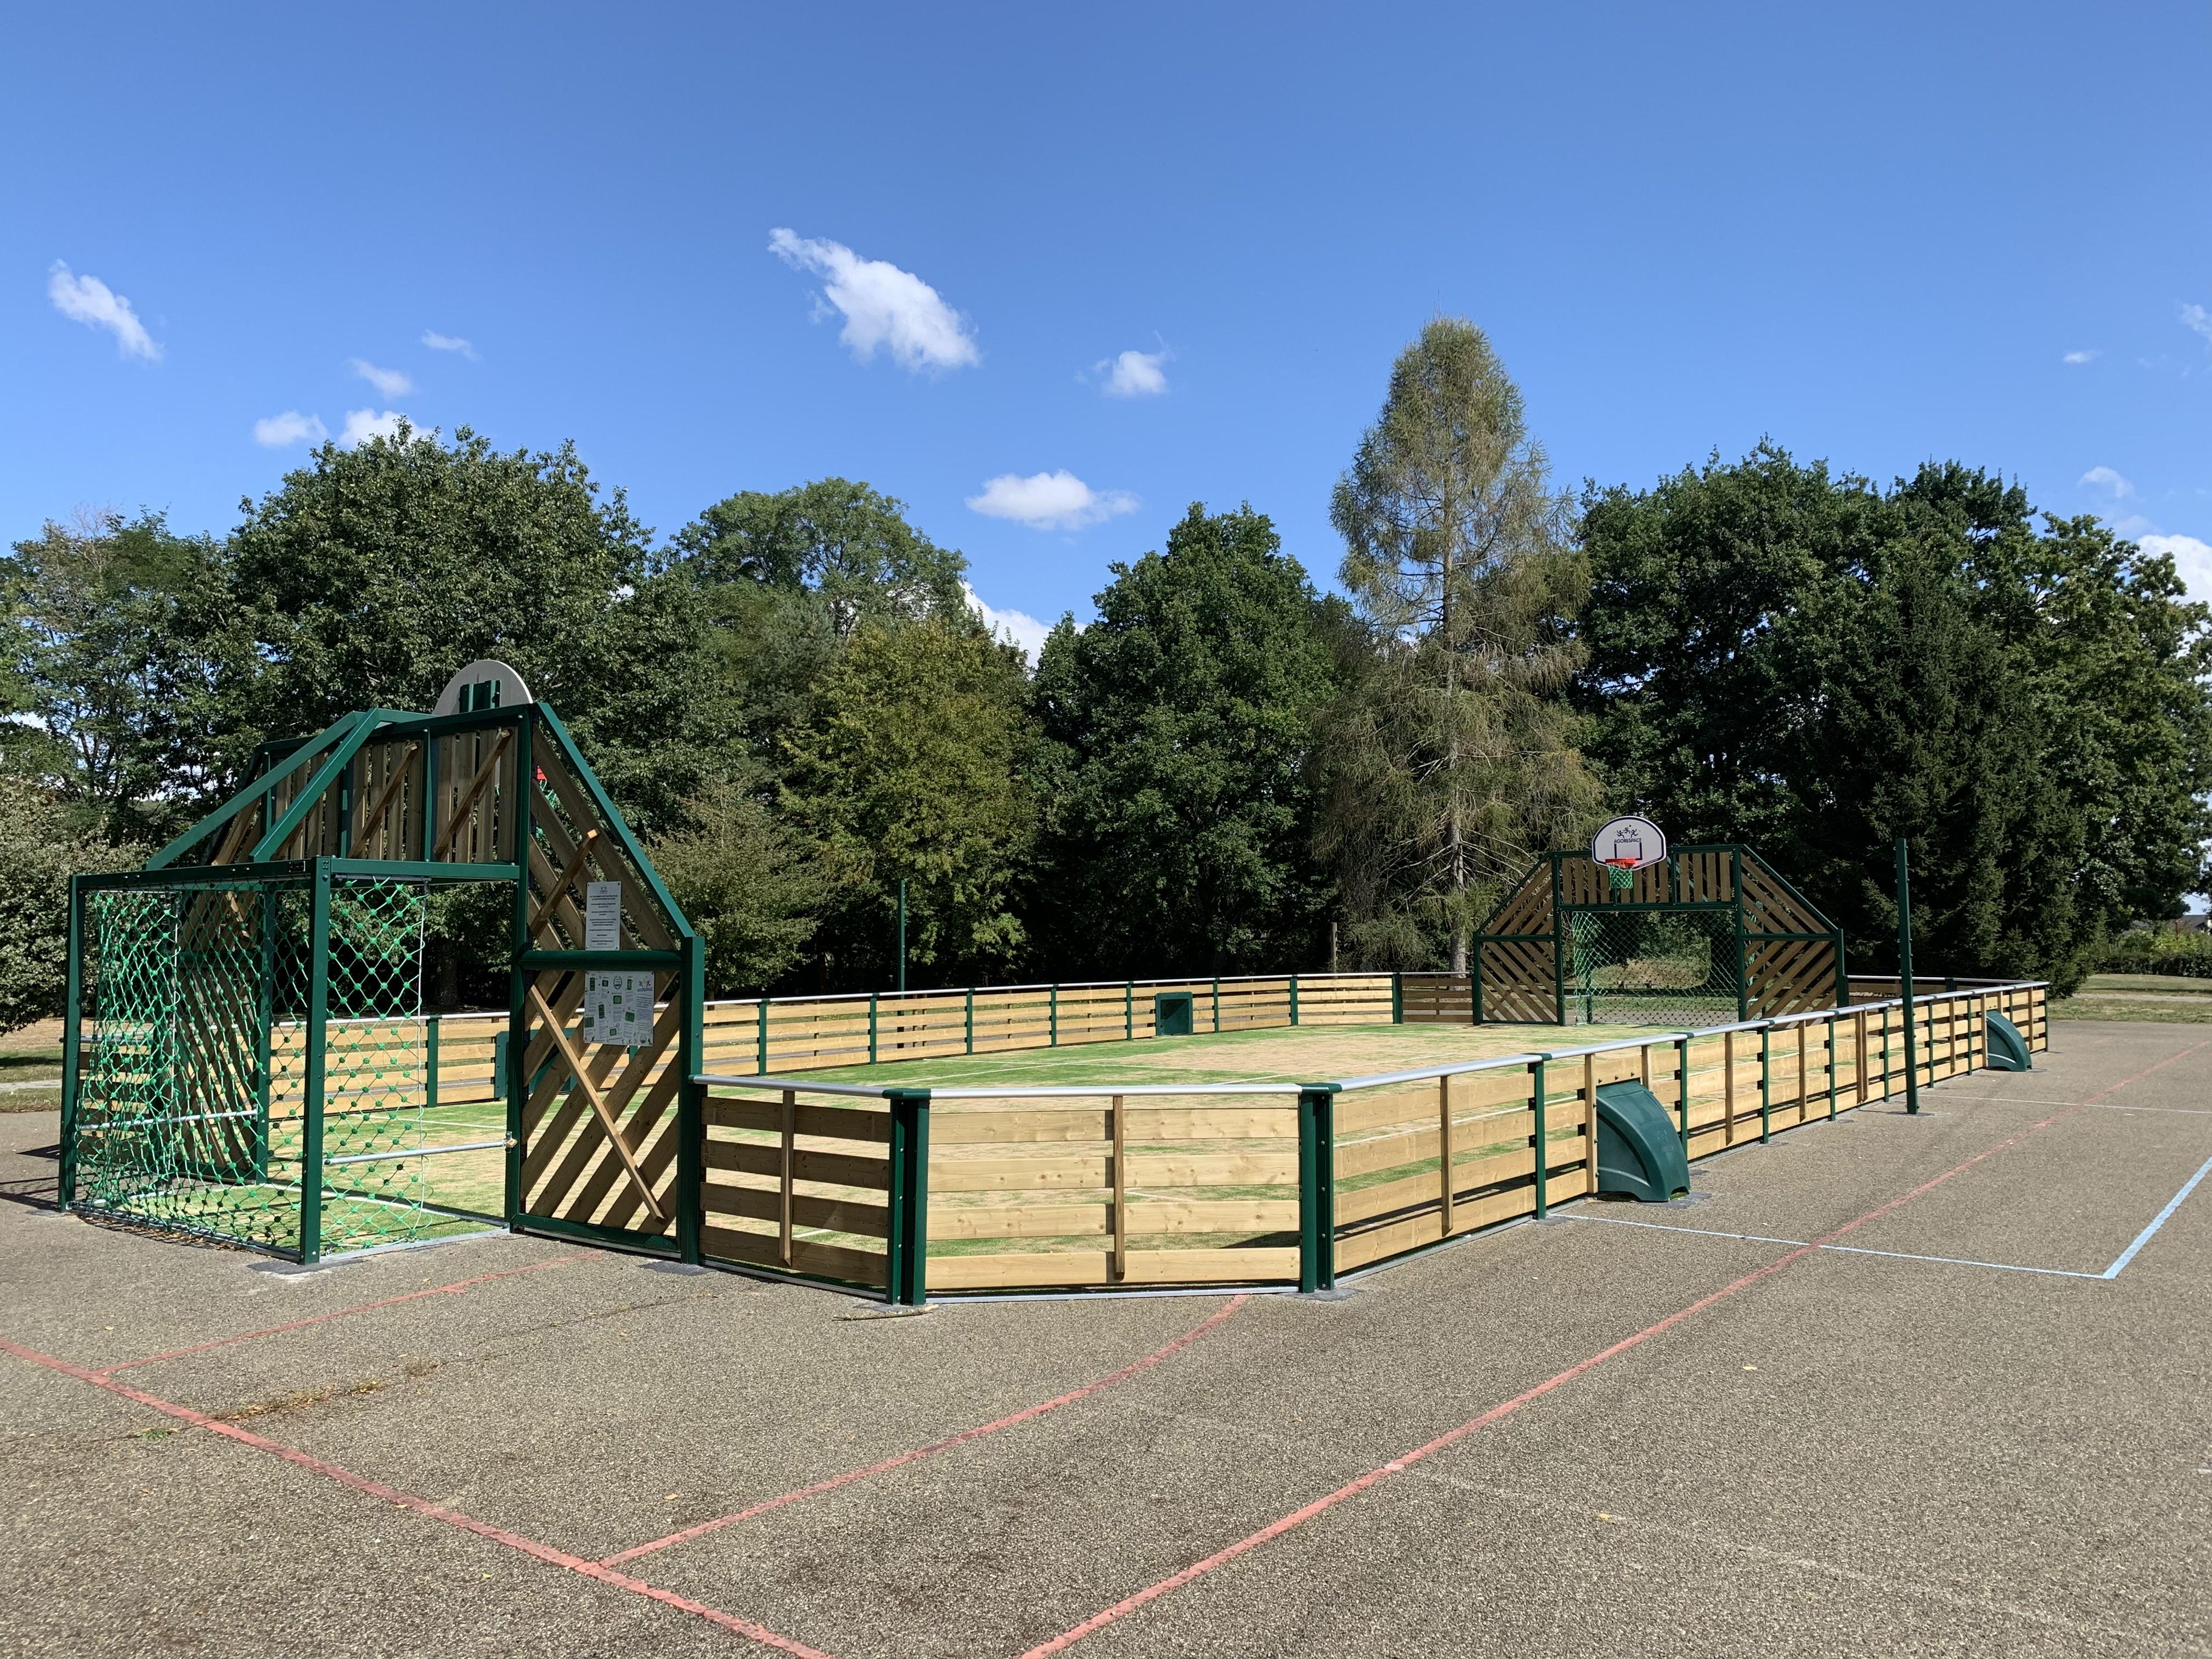 Bois De La Saulx first court - agorespace